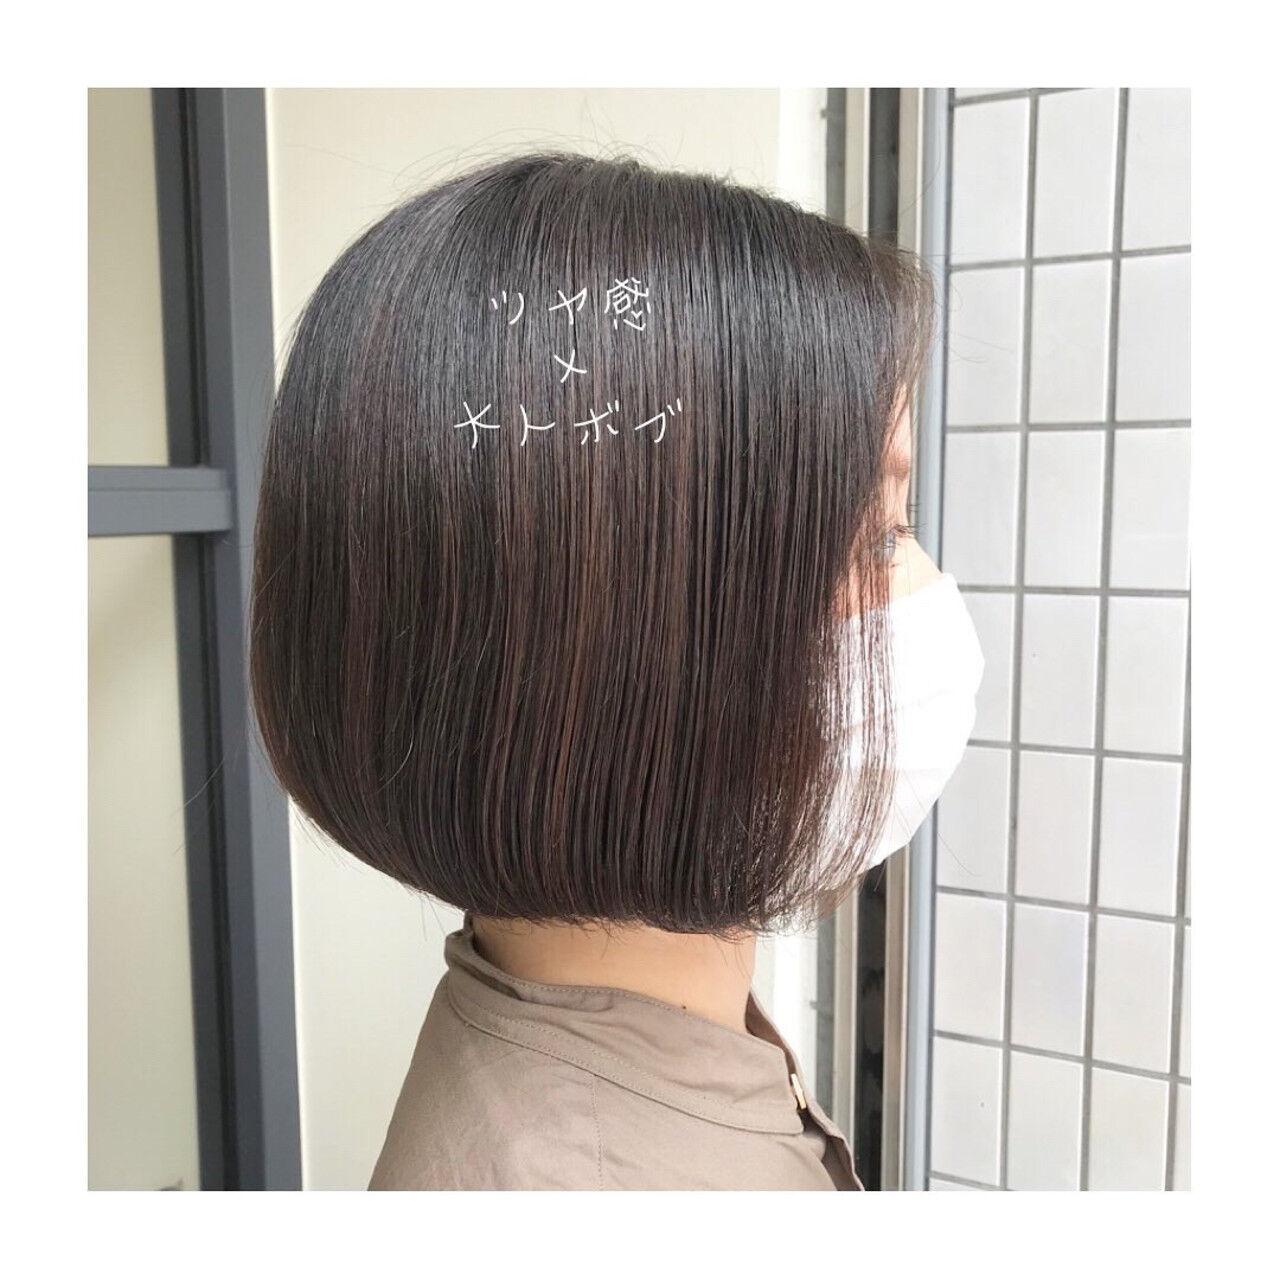 大人女子 大人ショート ツヤツヤ ボブヘアスタイルや髪型の写真・画像